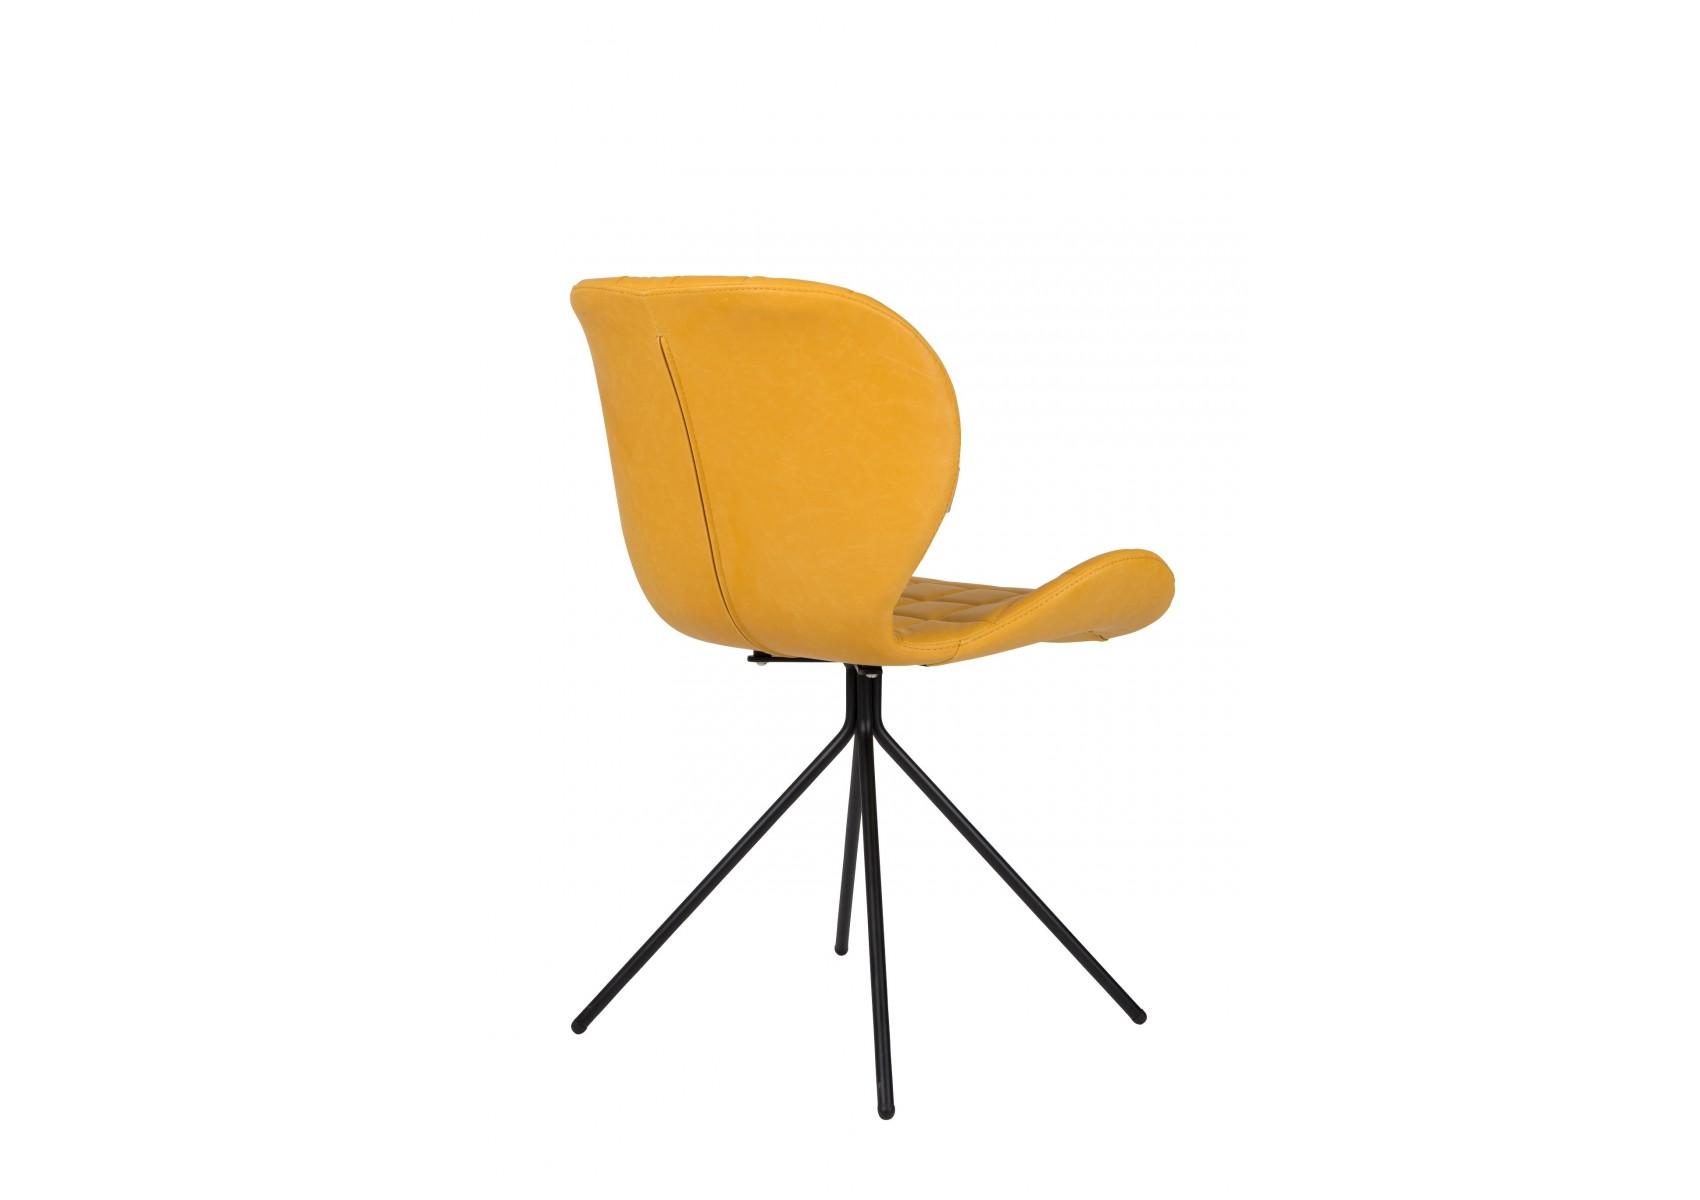 2 Chaises design OMG LL imitation cuir lot de 2 Boite à design